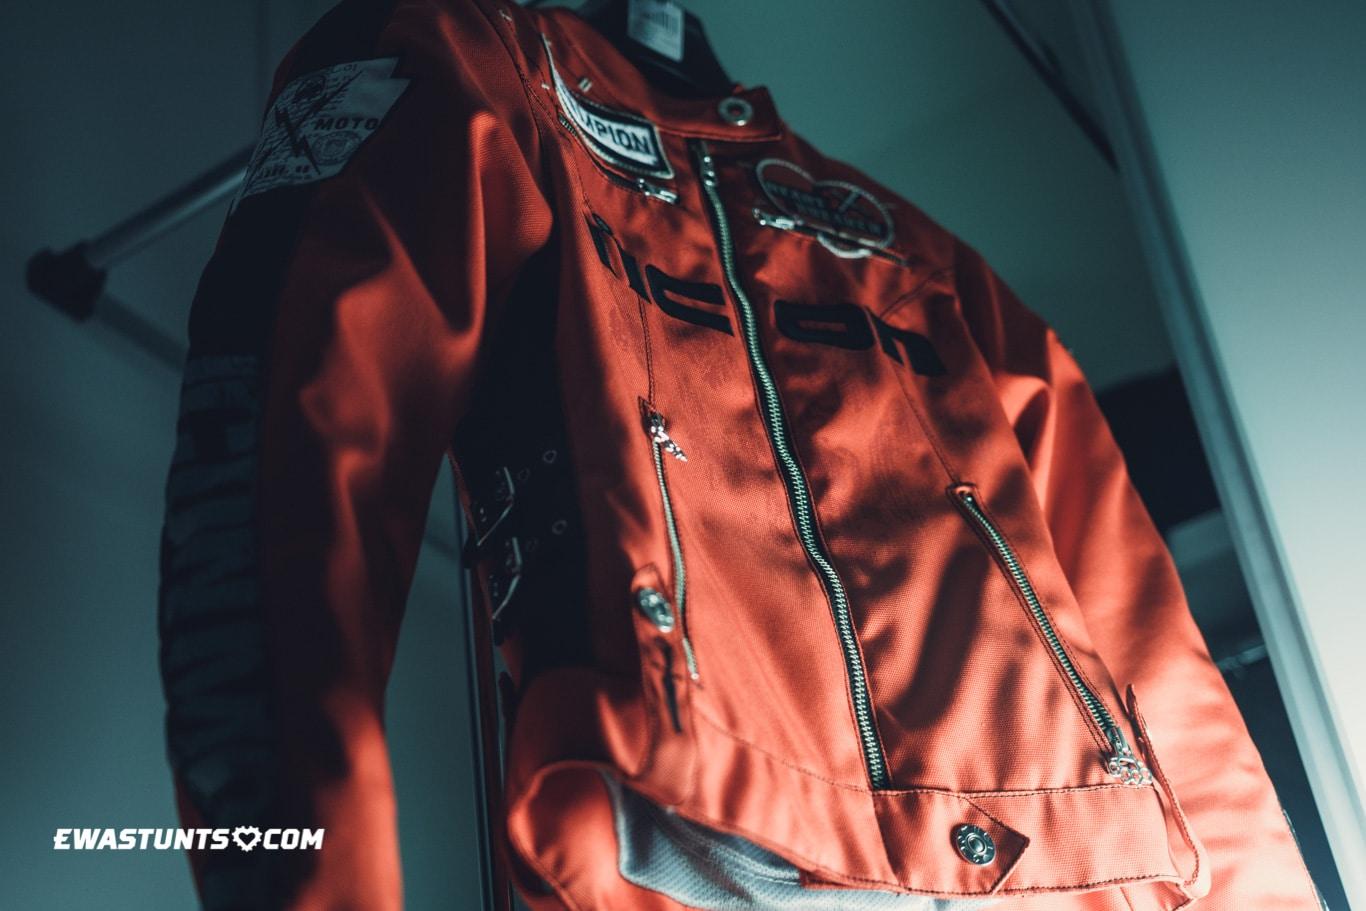 ewastunts_icon_jacket-20